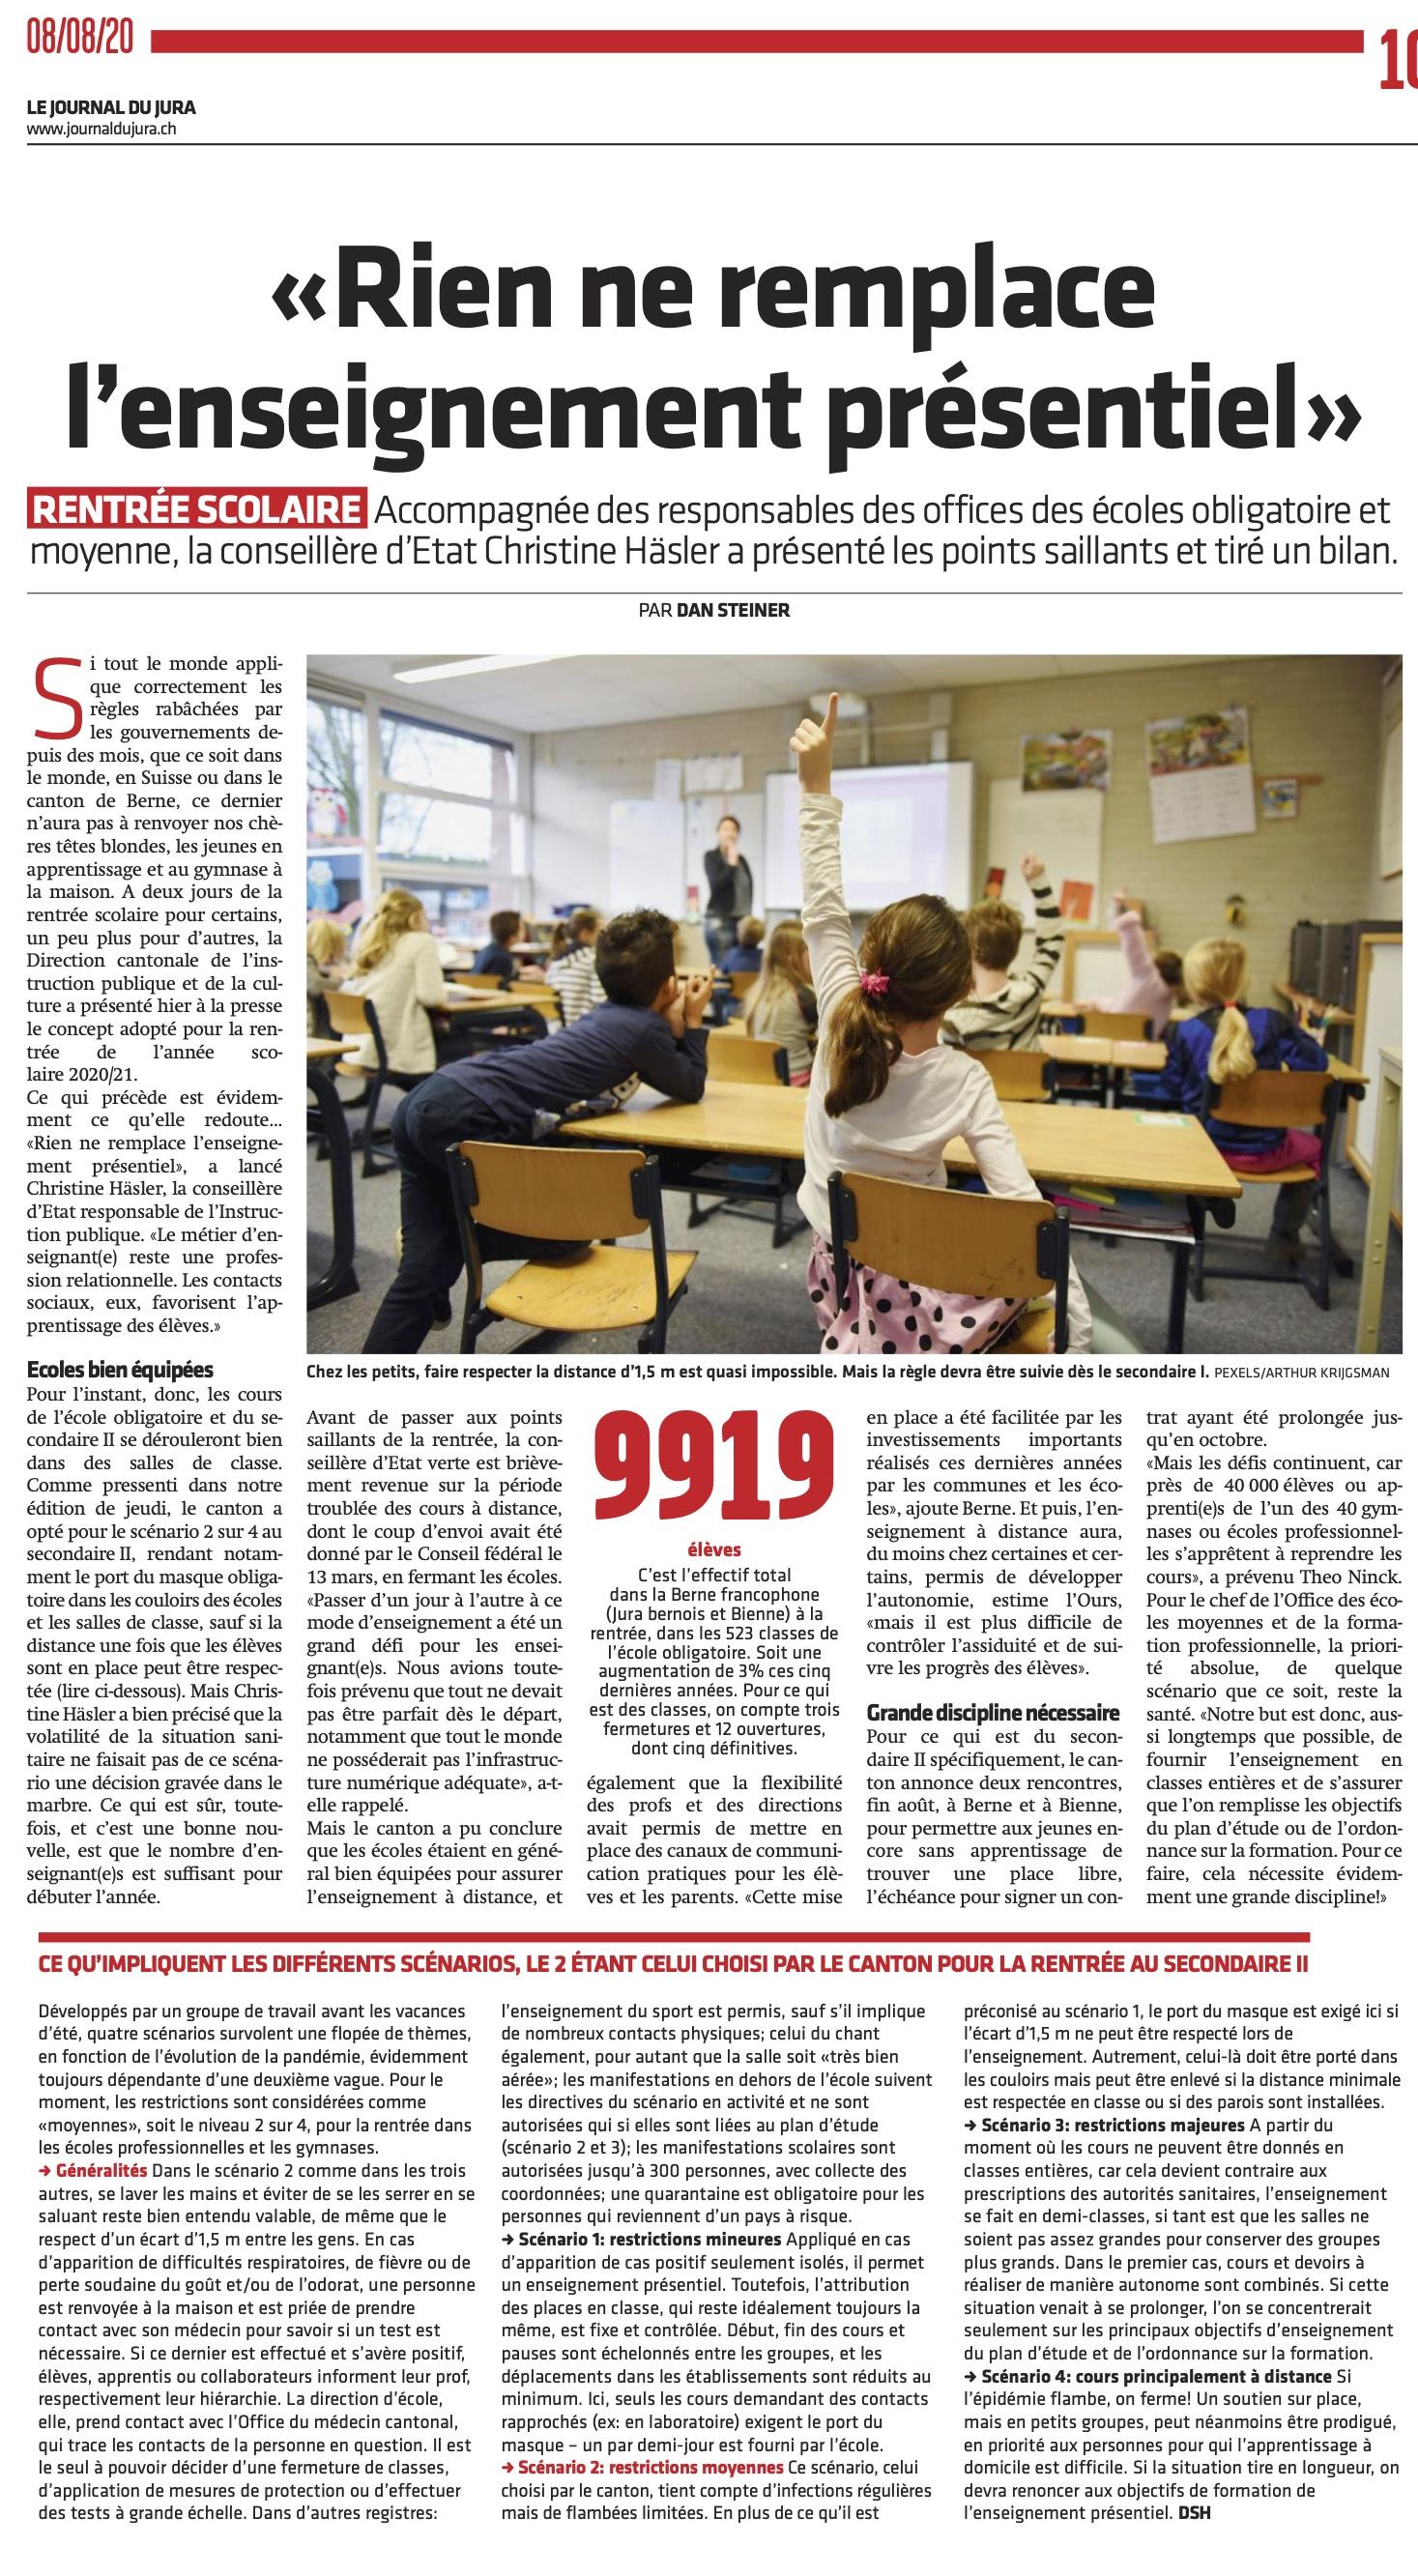 JdJ8.8.20 rentrée scolaire 2020